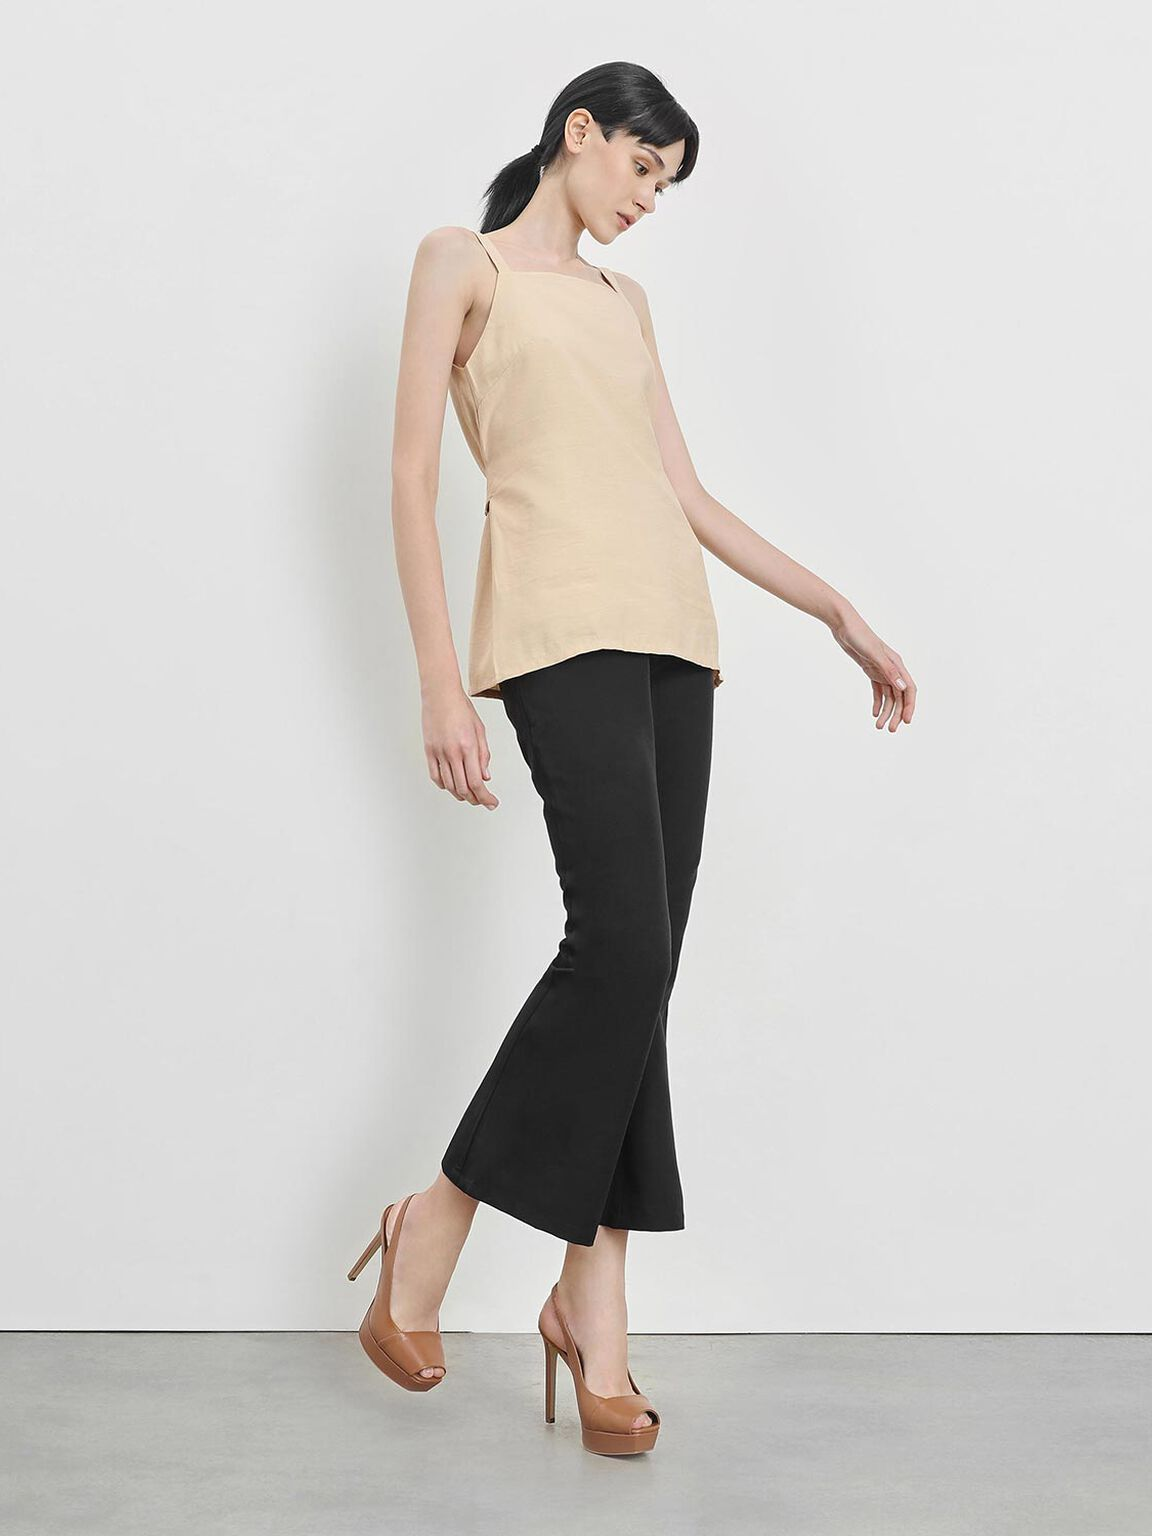 Square Toe Platform Heels, Cognac, hi-res